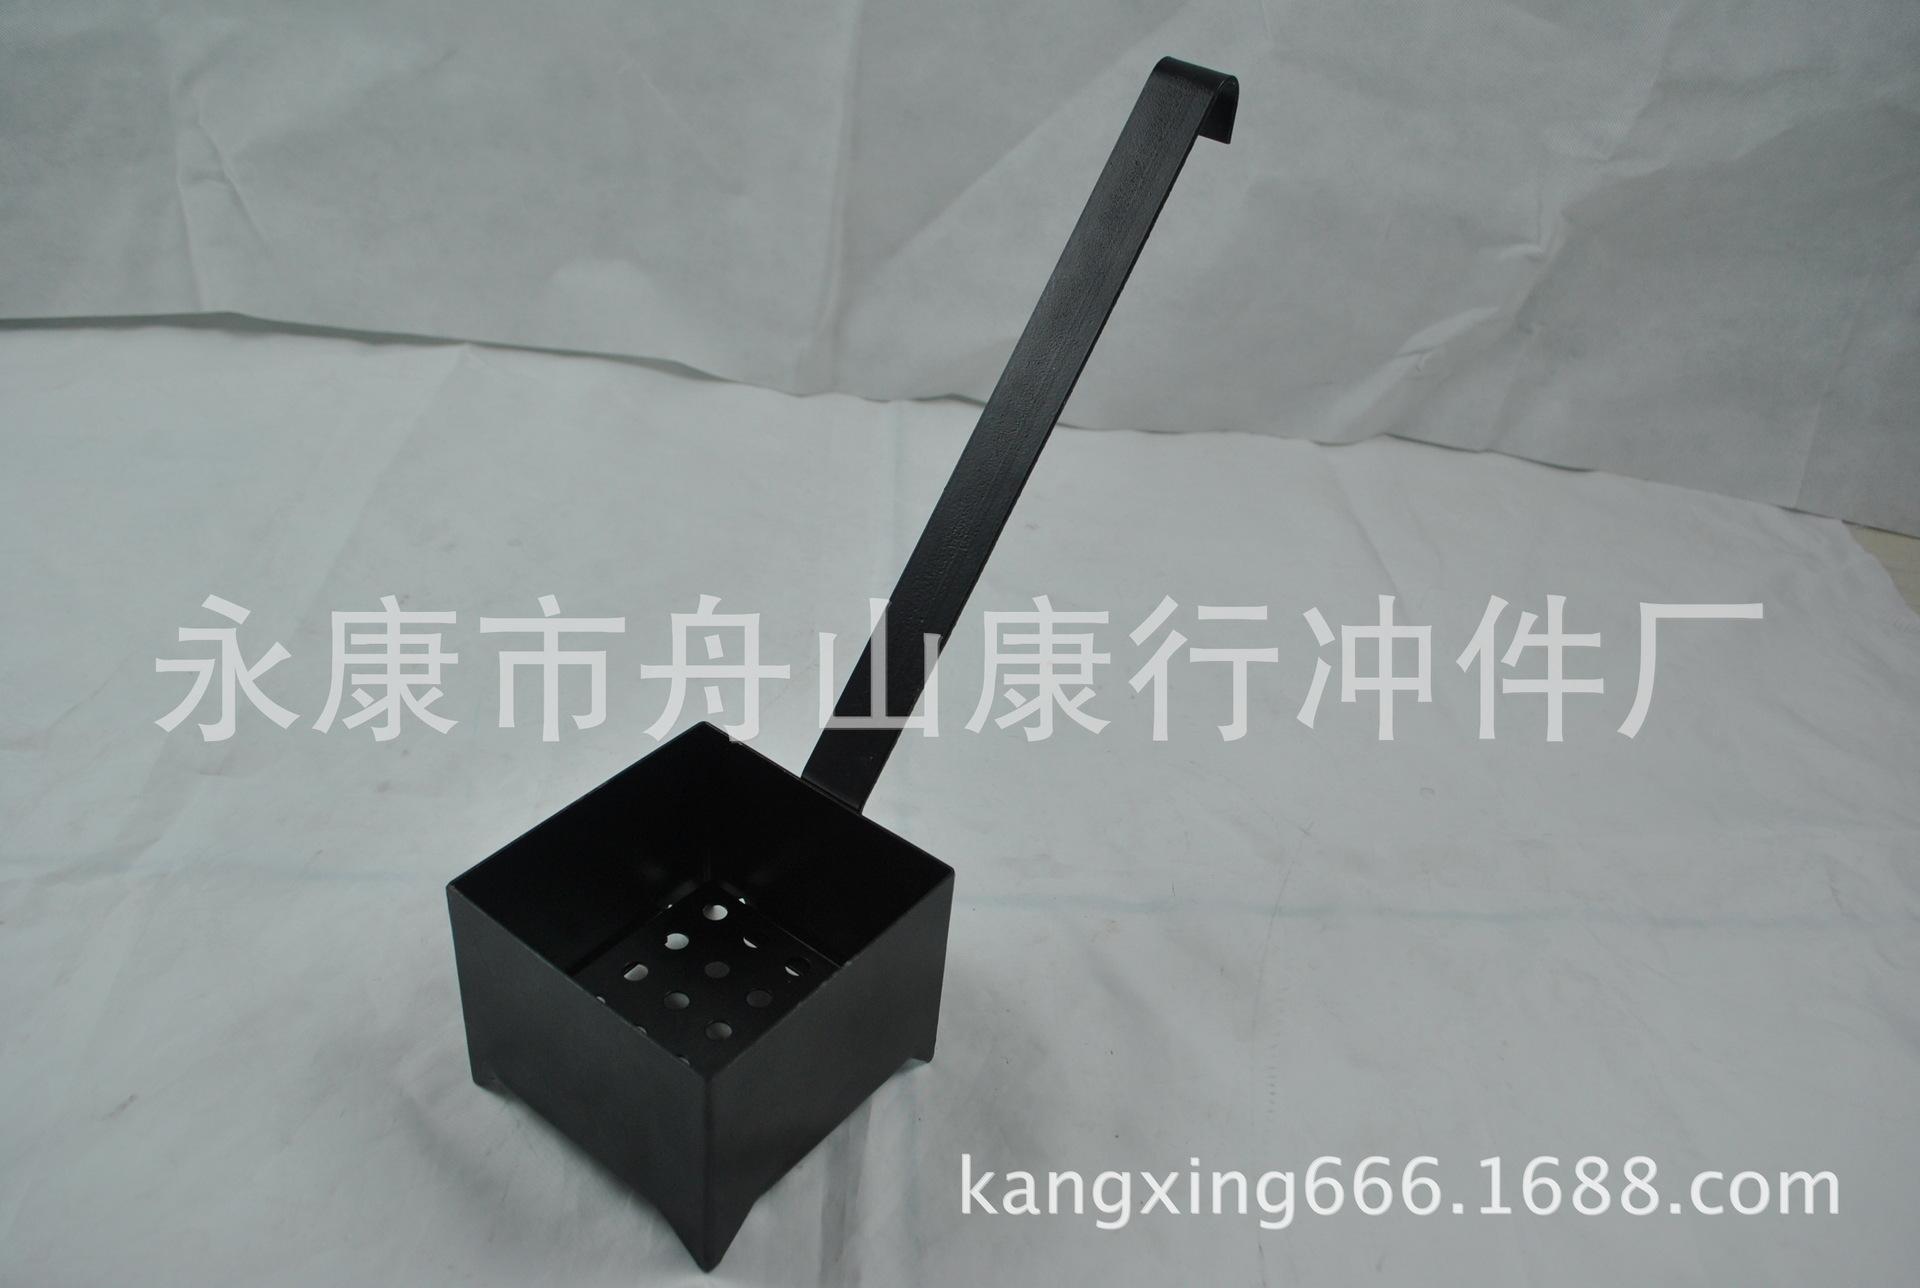 刀叉,勺,筷子,签,餐具套装,烹饪勺铲,碗,碟,盘